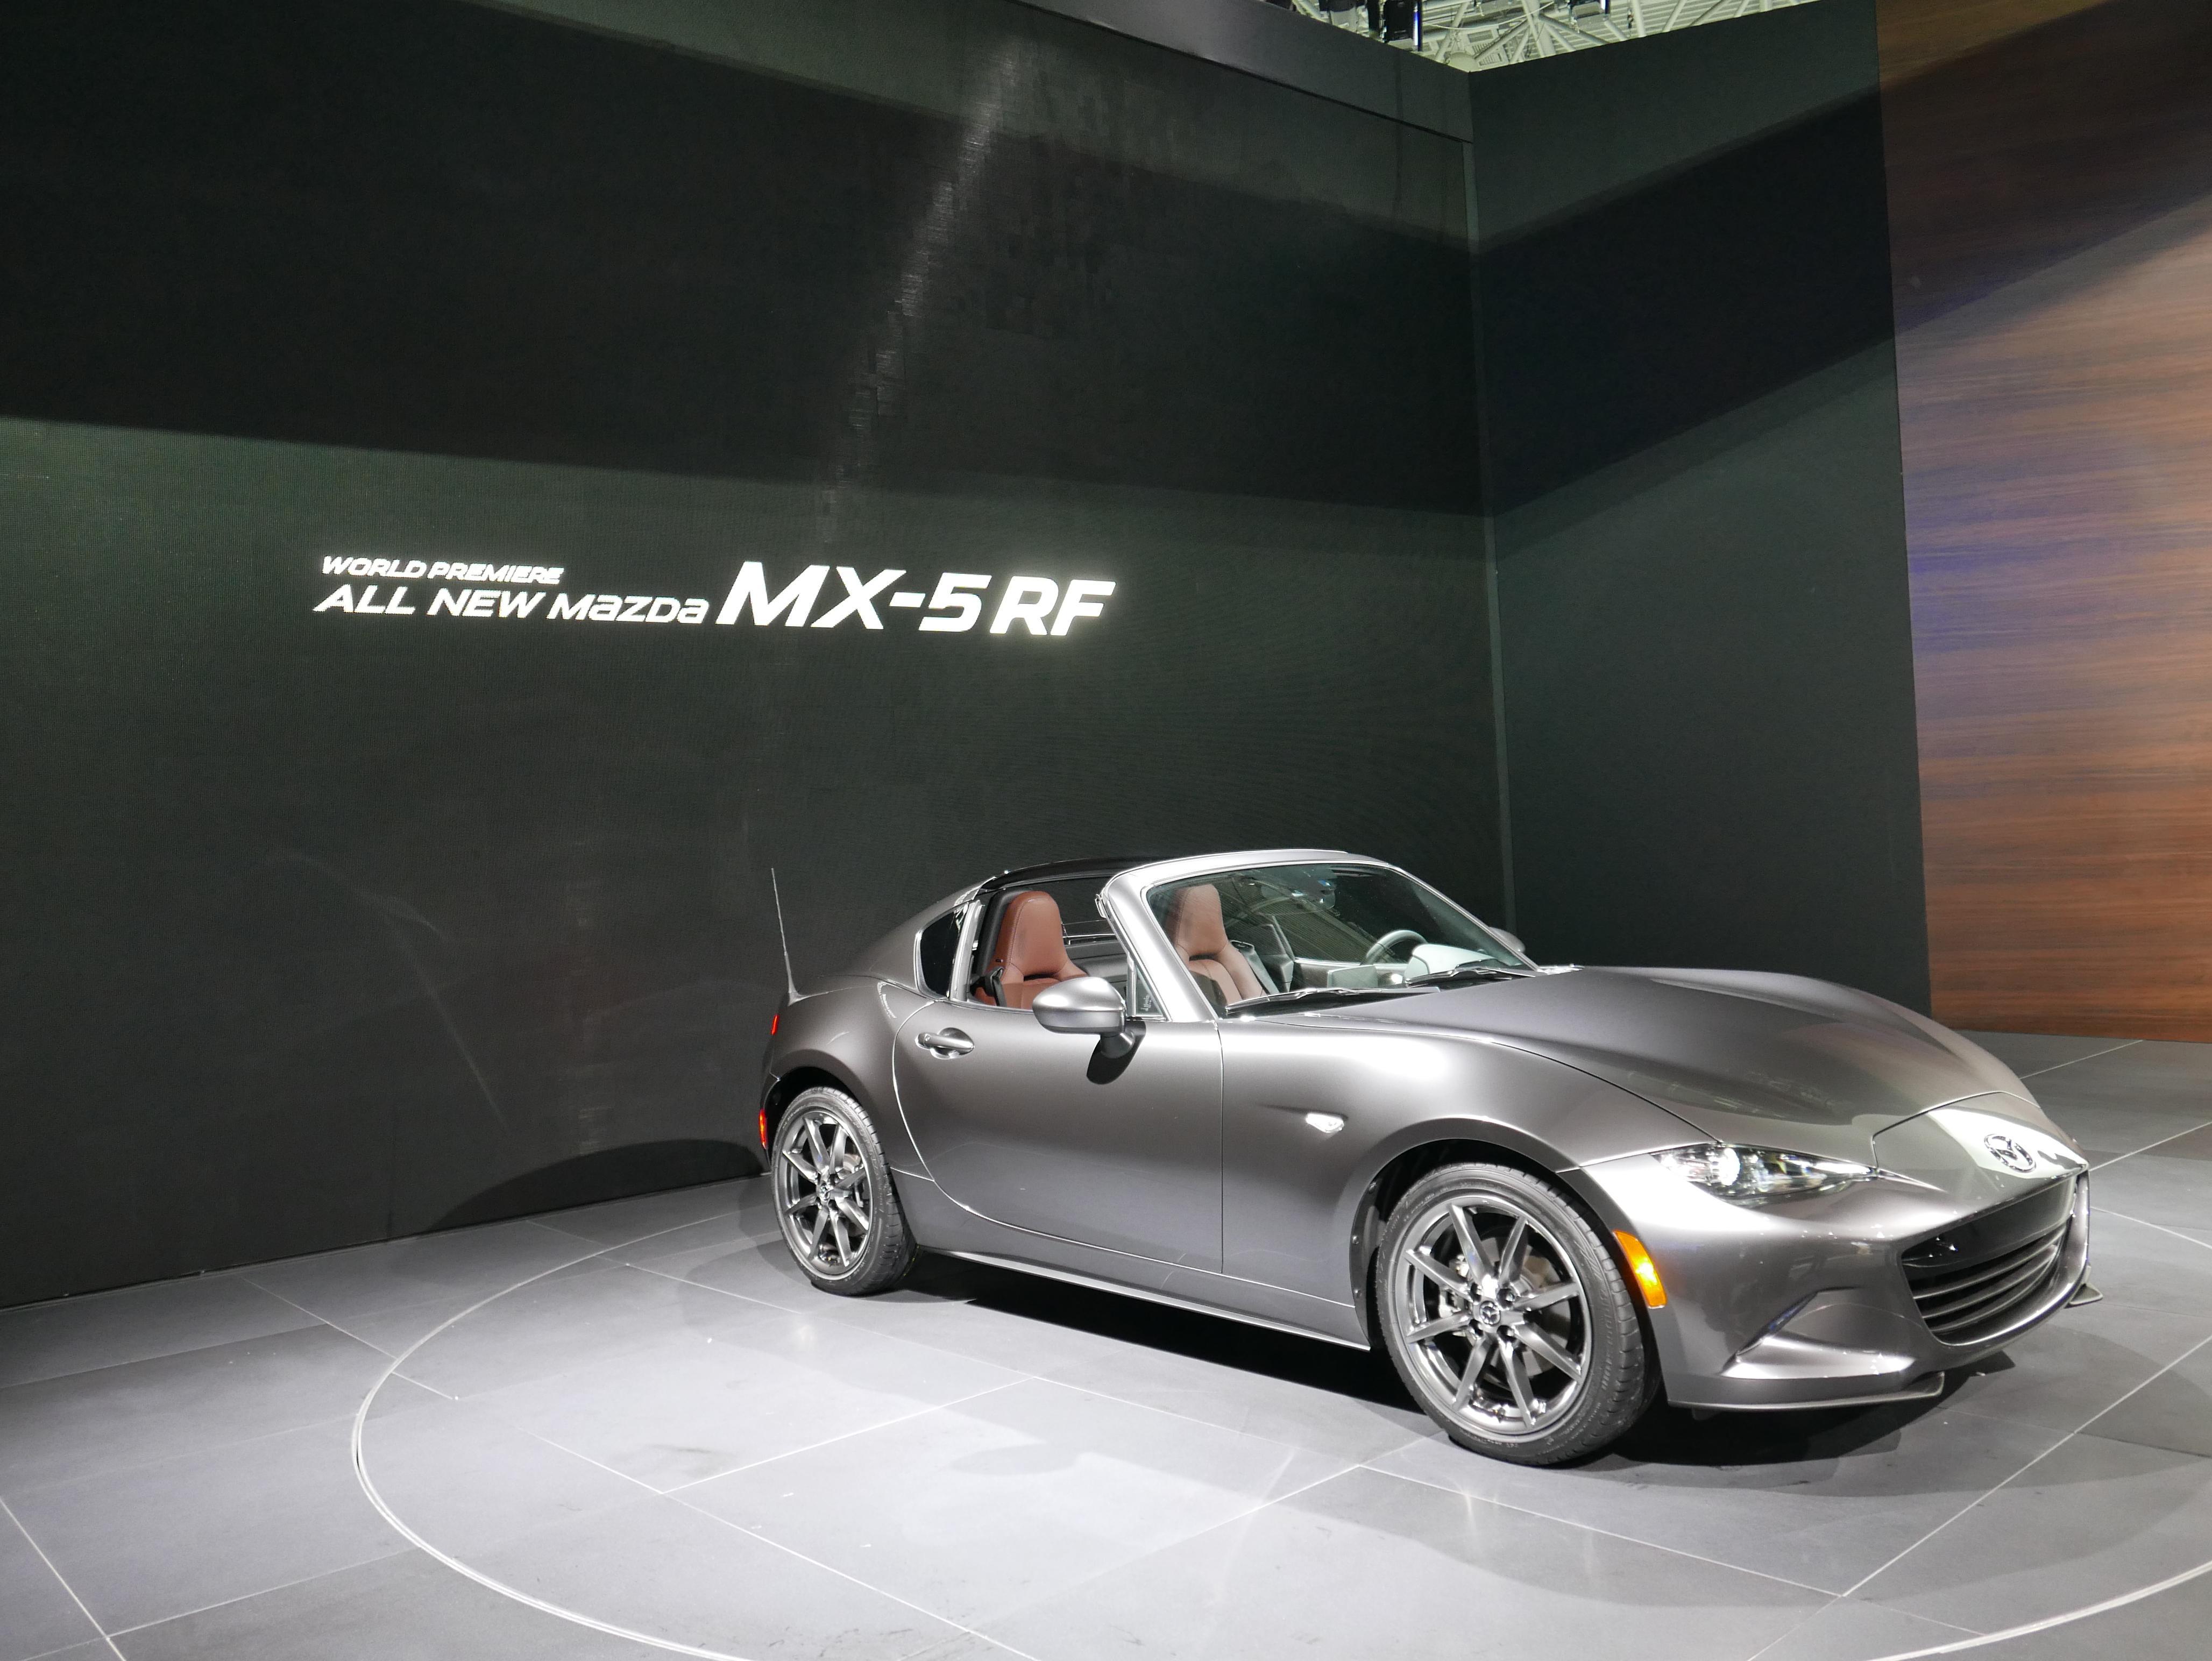 2017 Mazda Mx 5 Miata Rf Drops Its Retractable Hardtop Just Before New York Auto Show